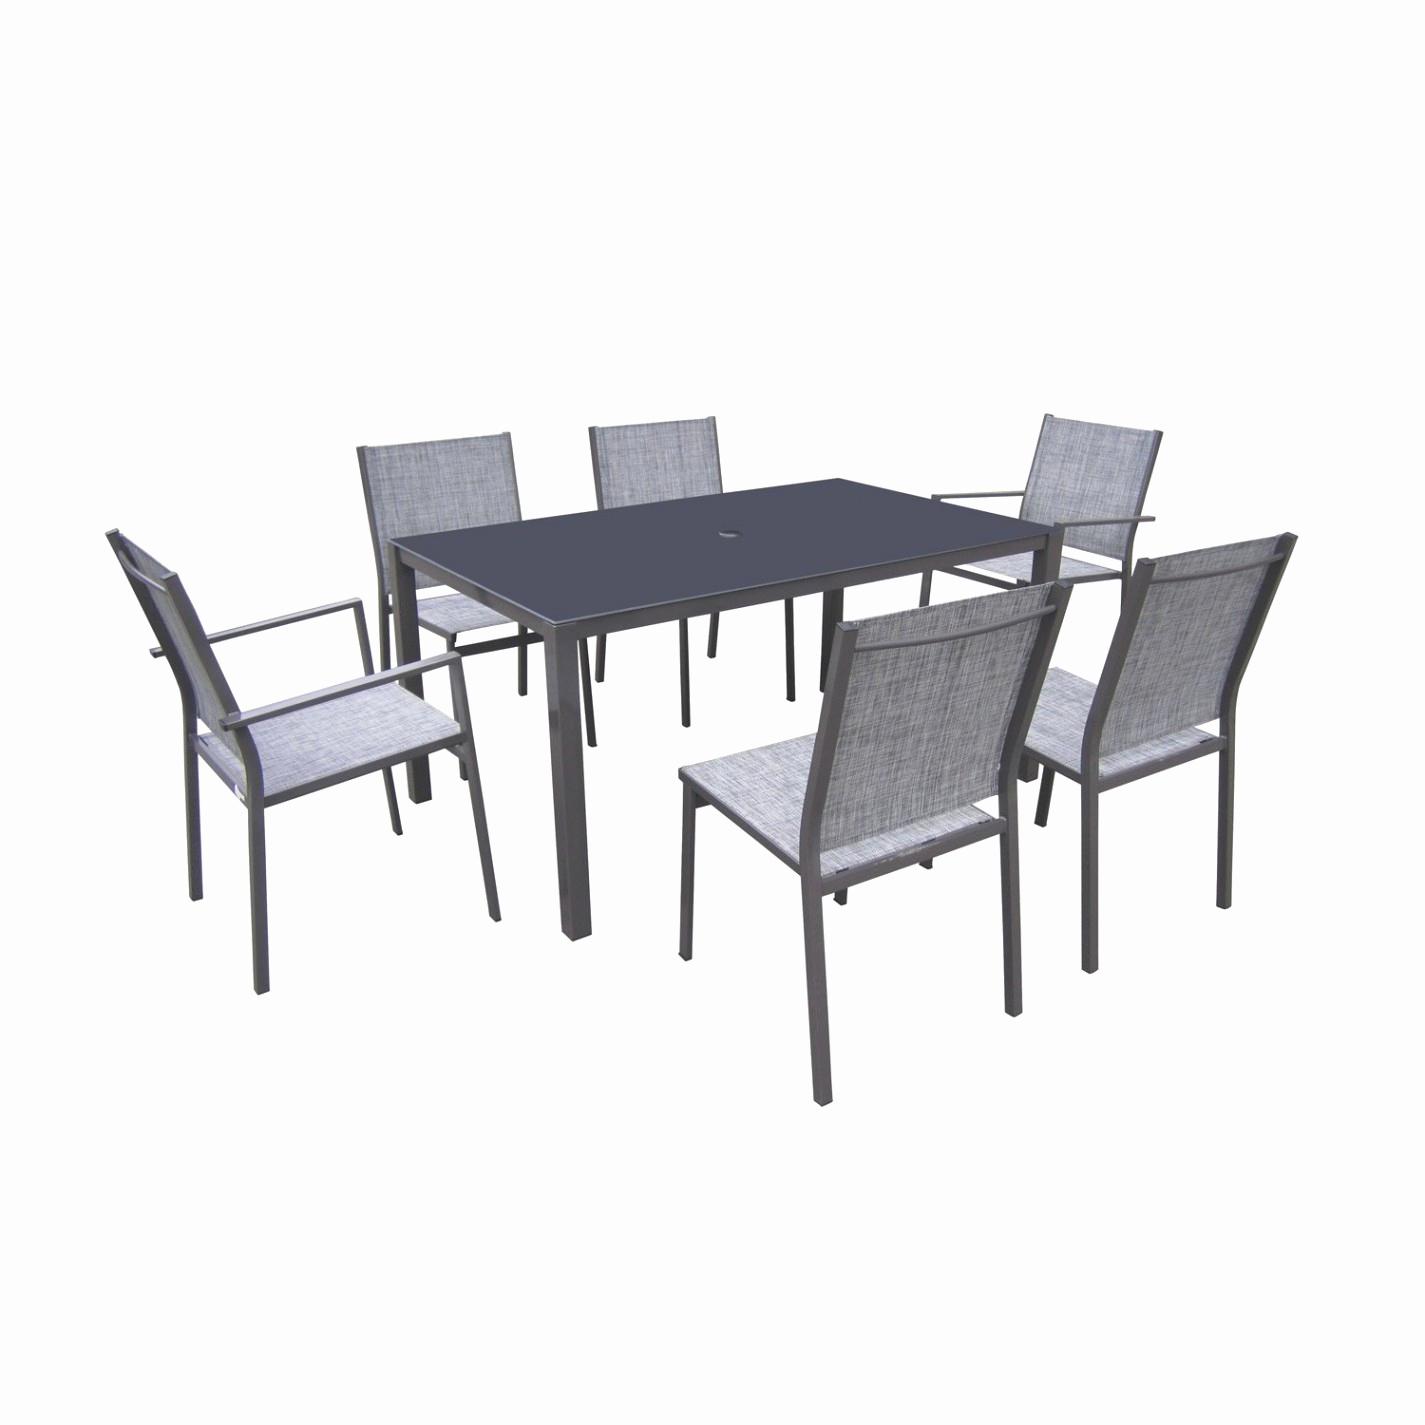 Table Et Chaises De Jardin Leclerc Frais Galerie Salon De Jardin Grosfillex Beau Mobilier De Jardin Leclerc Ainsi Que